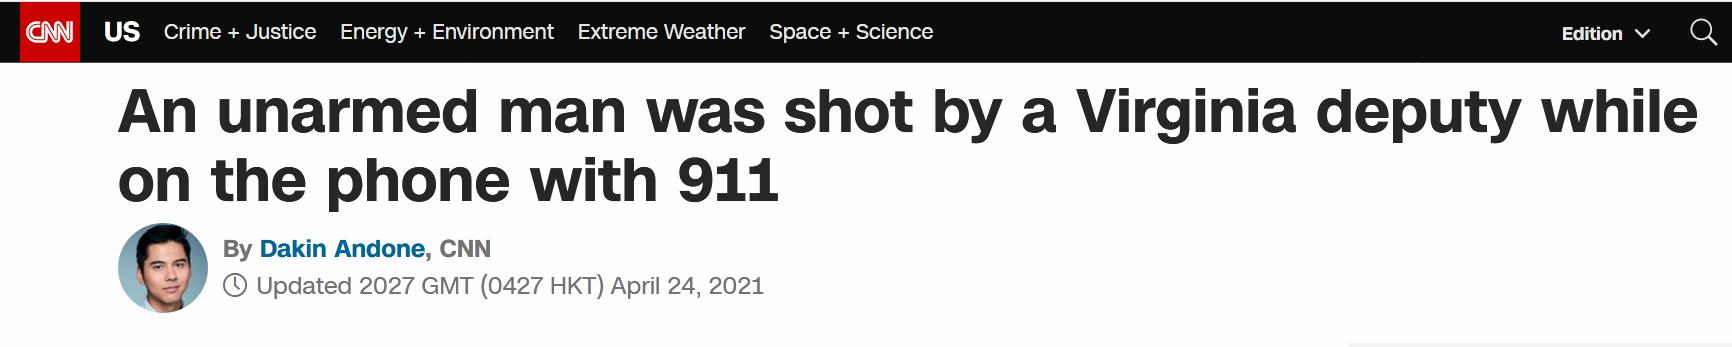 """巴彦淖尔法制错将电话看为枪支,弗吉尼亚州警察枪击""""手无寸铁""""黑人致其身中10枪"""